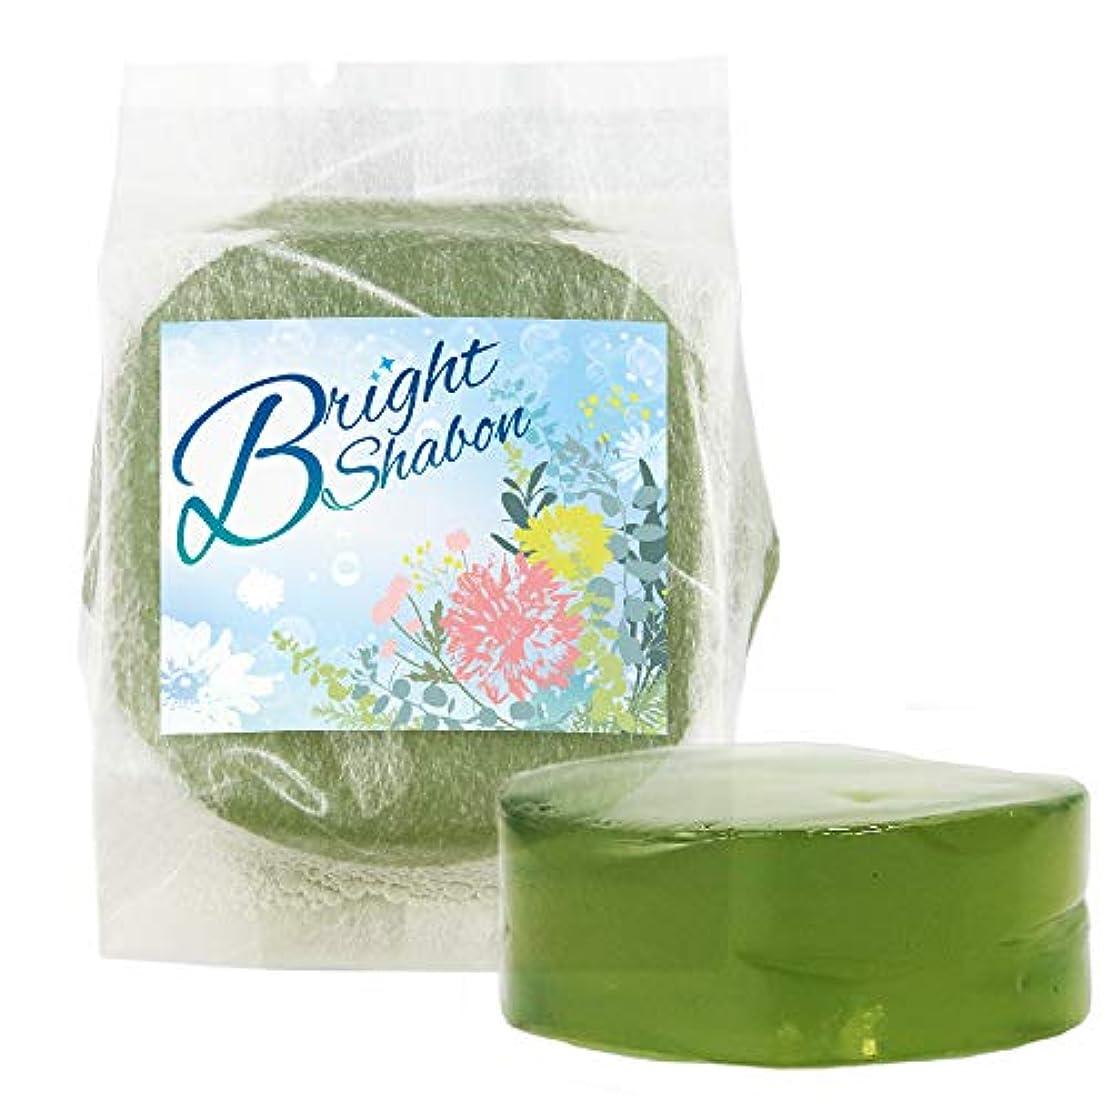 法律によりシュート贅沢ブライトシャボン Bright Shabon 洗顔料 ぷるぷる石鹸 石けん